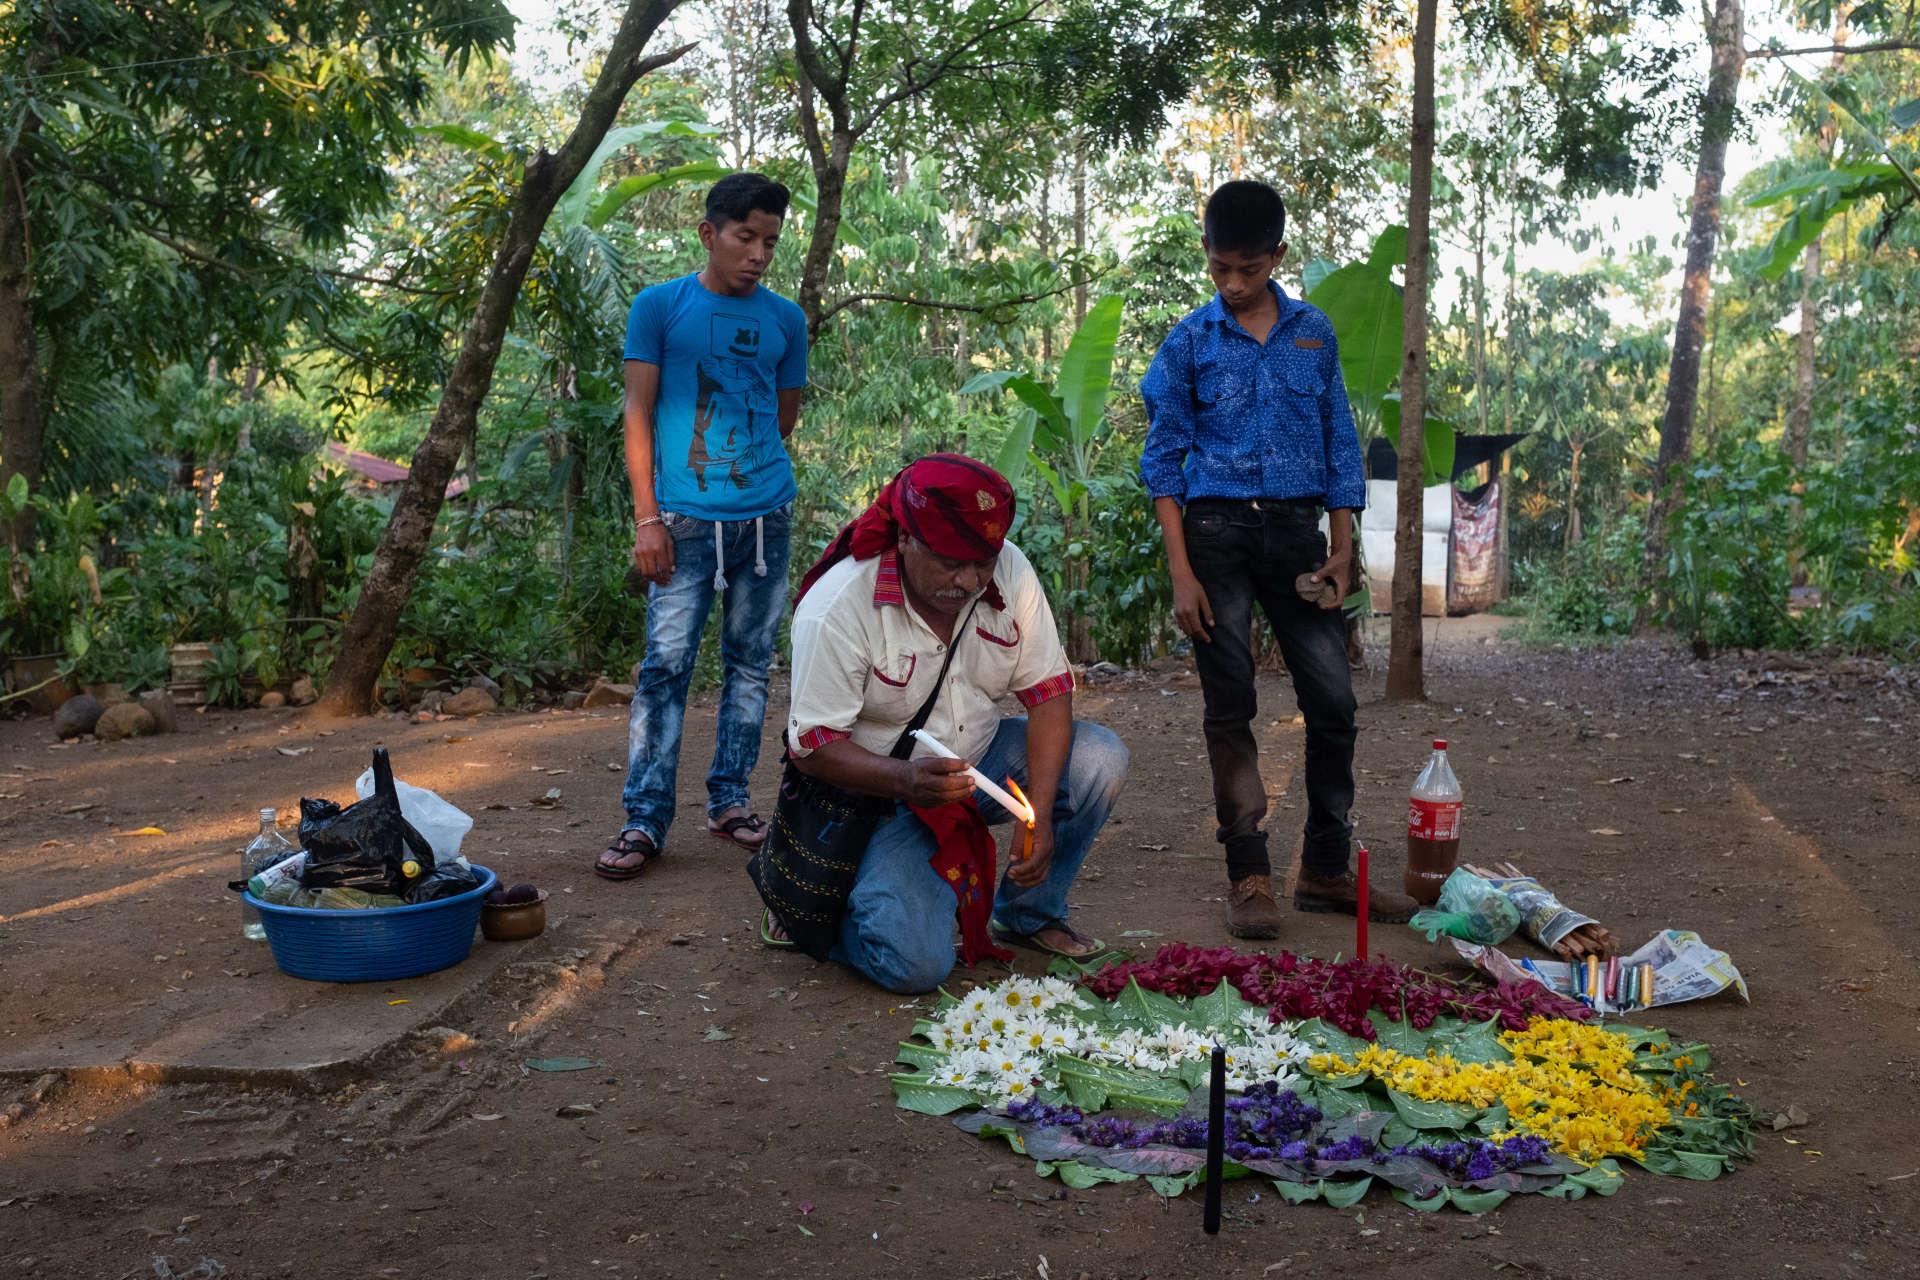 datant de l'homme guatémaltèque